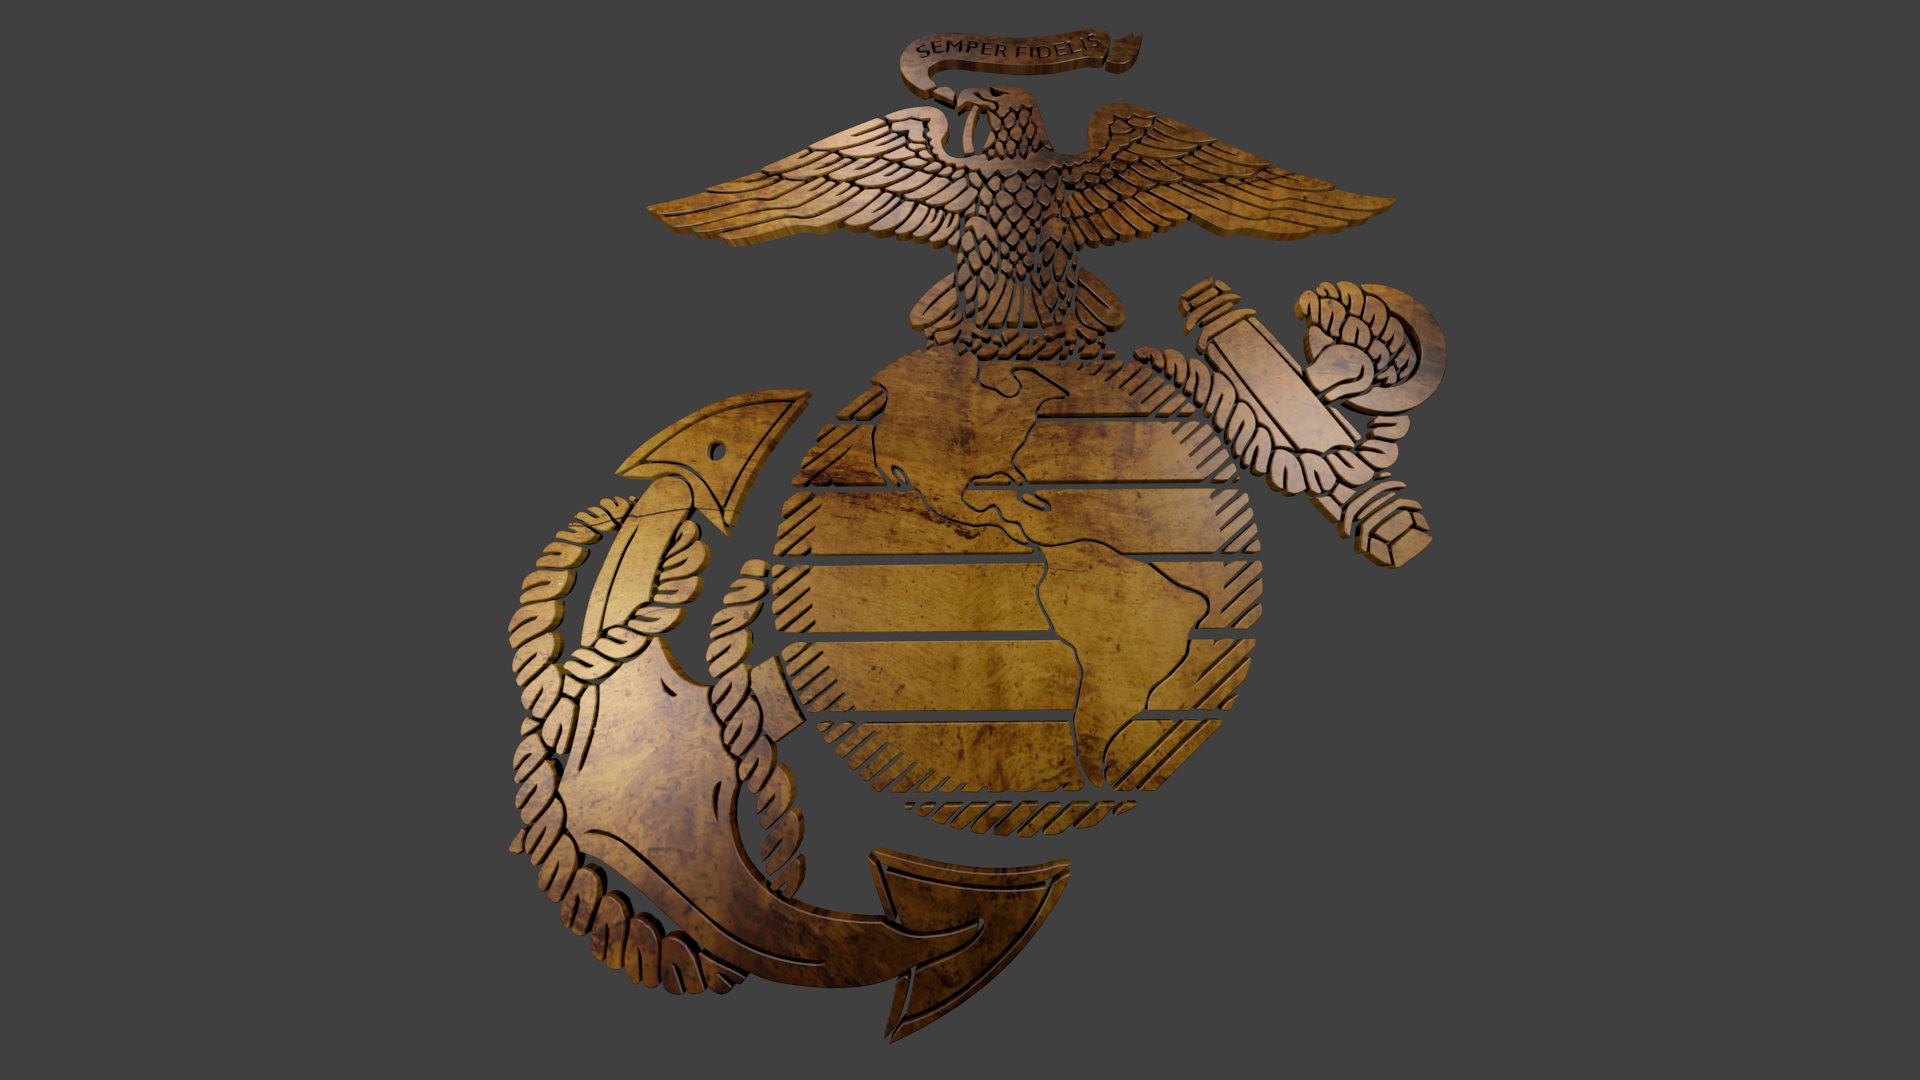 Us Marine Corps Wallpapers – WallpaperSafari